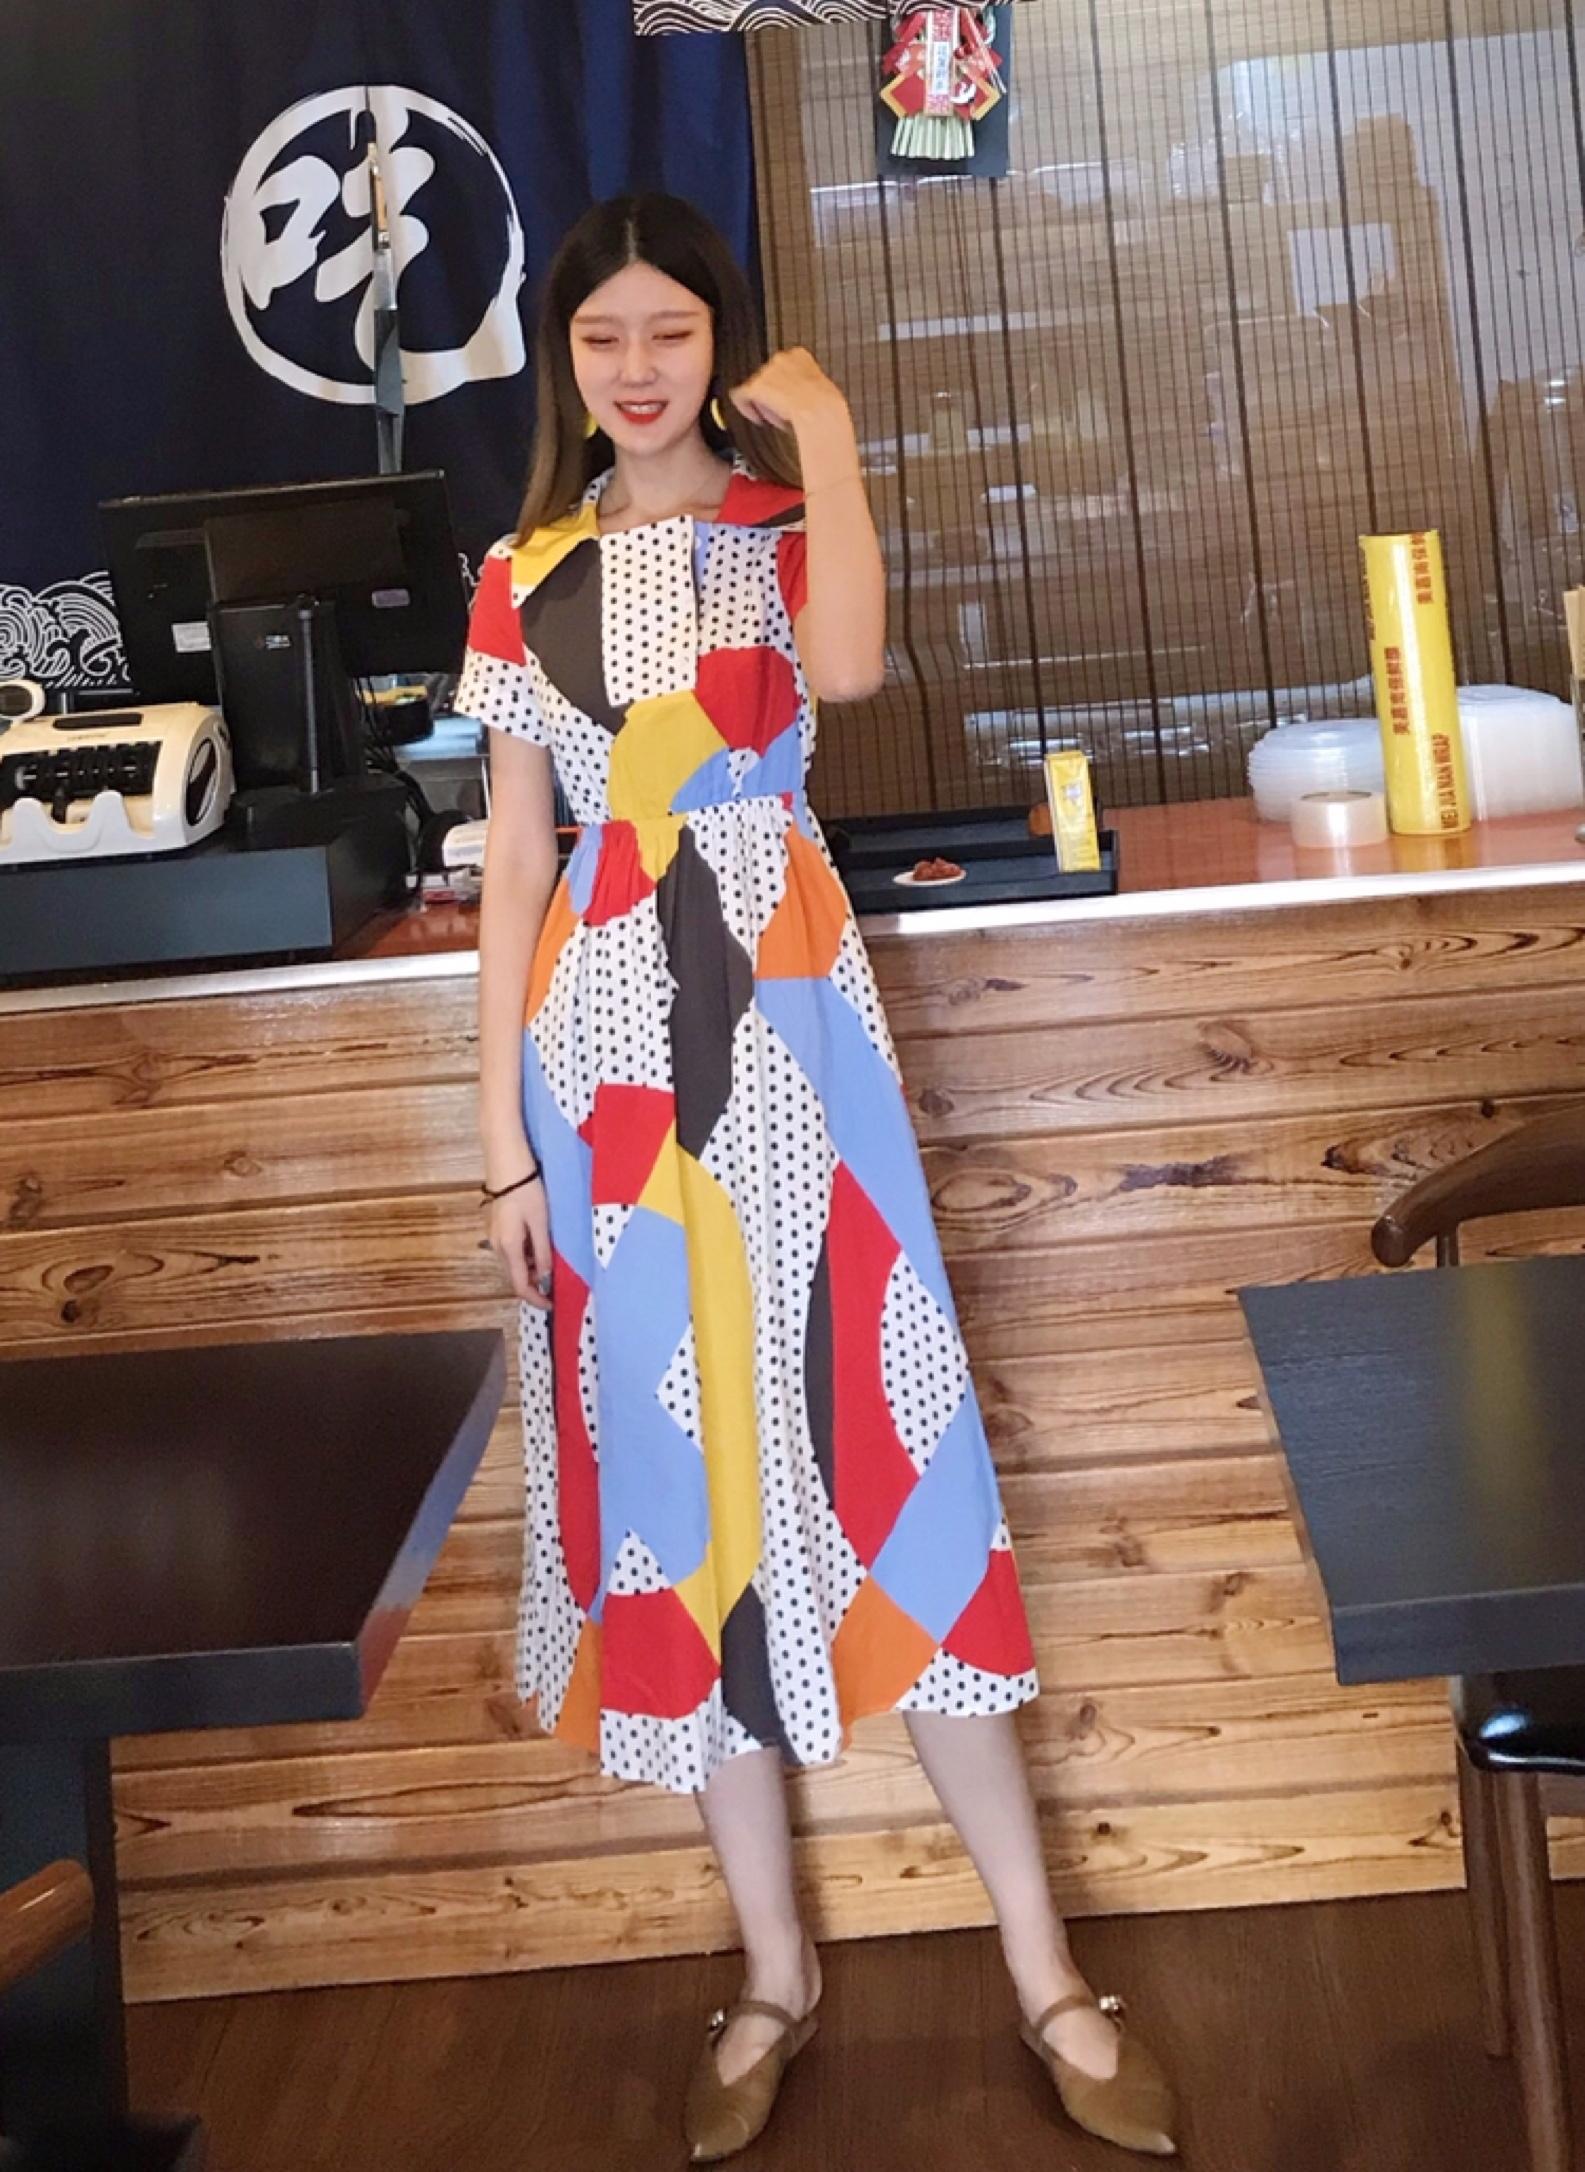 #自带十级瘦身特效的连衣裙#港风高腰长裙遮肉,复古的版型,浓烈的色彩才是夏天正确打开方式~ 🔸红黄蓝橘 单色的饱和度都很高,这几个大色块几何拼接在一起,中间还夹杂着波点,整体视觉上非常有活力,可以吸引目光,从而非常显瘦哦 🔺尤其是腰部的弹力橡筋,弹性超大~腰部肉肉的女孩子完全不担心,适合更多的身型!腰线提的很高,所以显腰细,长度盖住小腿,又可以遮住腿上的肉肉!真的像开了特效一样纤长苗条 🔹非常适合初夏,大方海军领➕大宽领襟 满满都是80年代的港风复古感 鞋子直接搭配暗一些(不和裙子抢风头)的尖头凉拖,绝对不会出错。 🔻非常非常适合度假⛱️拍照的裙子,复古,浪漫💕